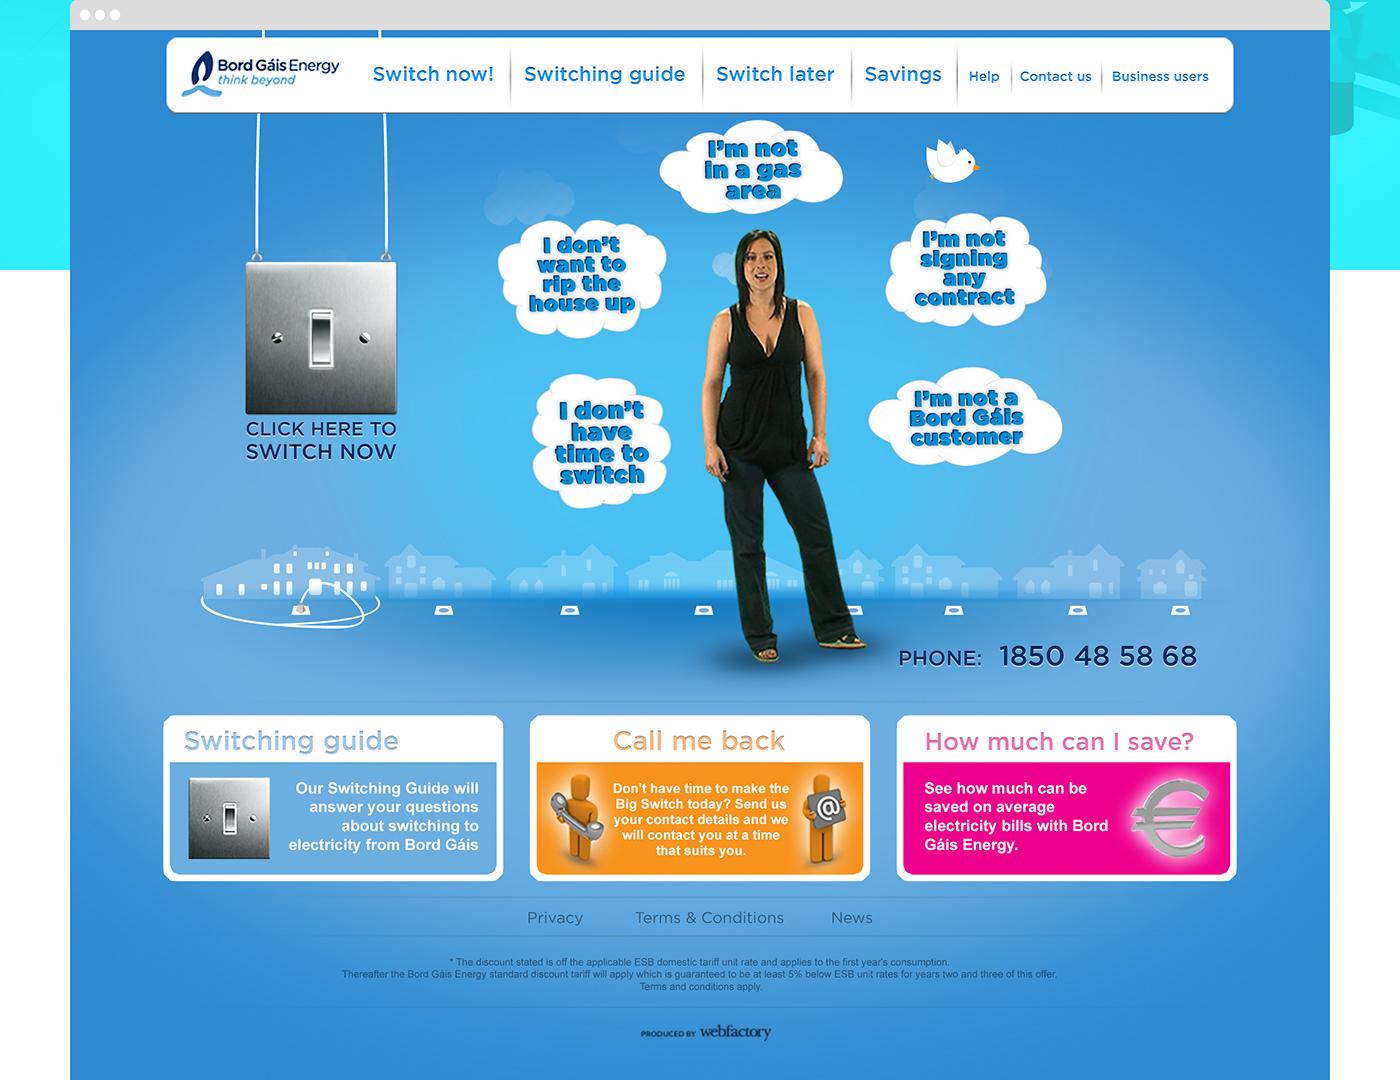 bord gais Website electricity